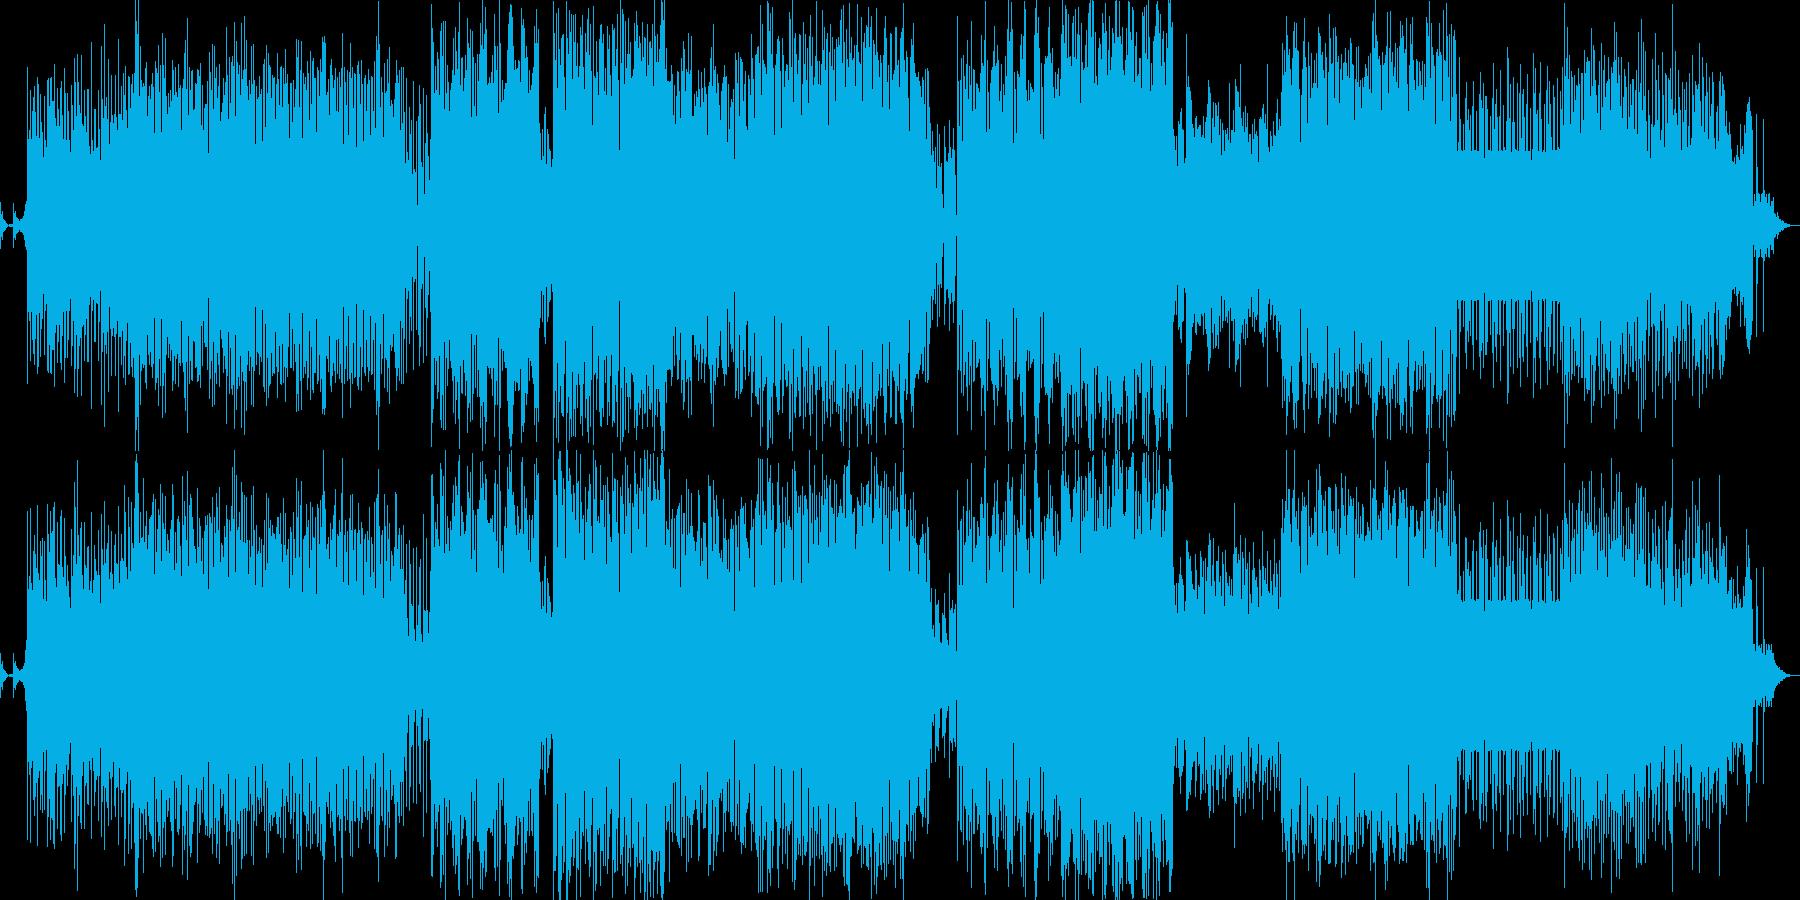 背景をポップします。音楽ジャンルの...の再生済みの波形